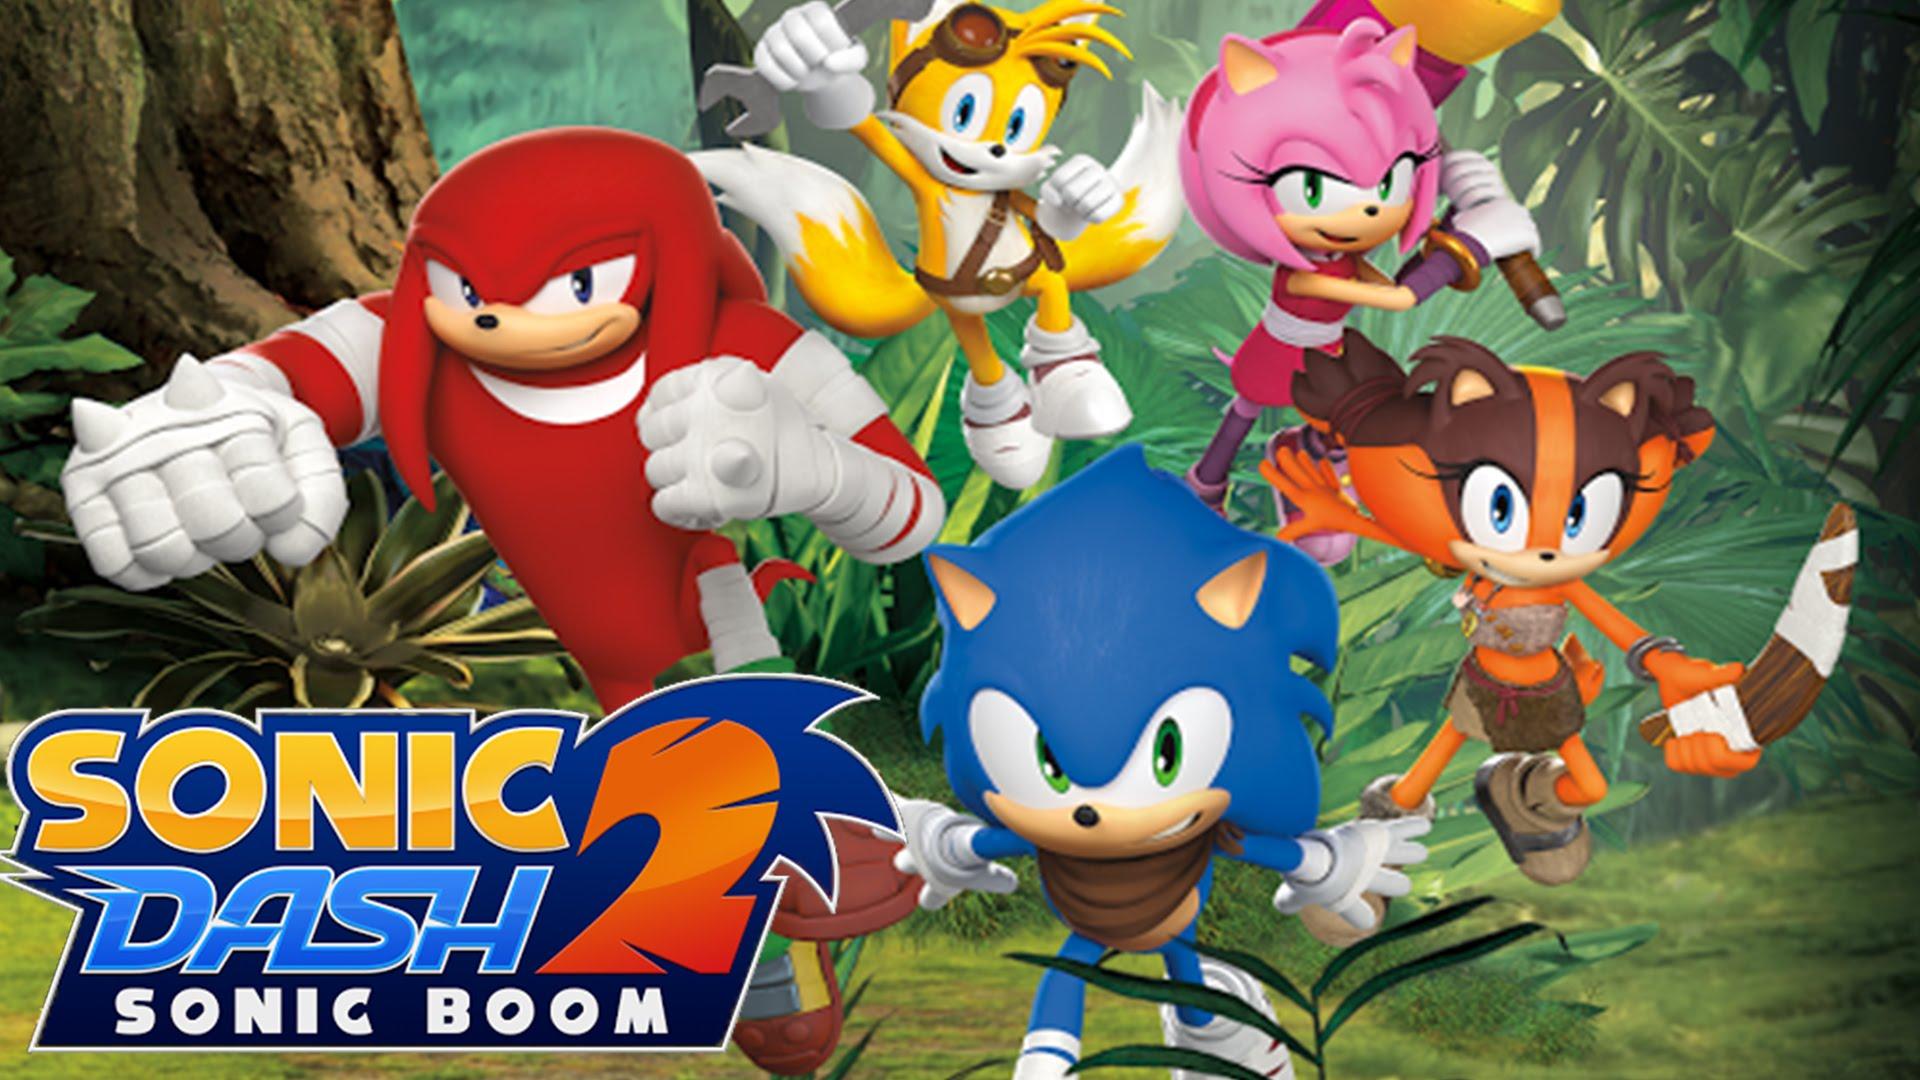 دانلود Sonic Dash 2: Sonic Boom 1.8.1 بازی سونیک دش 2 برای اندروید